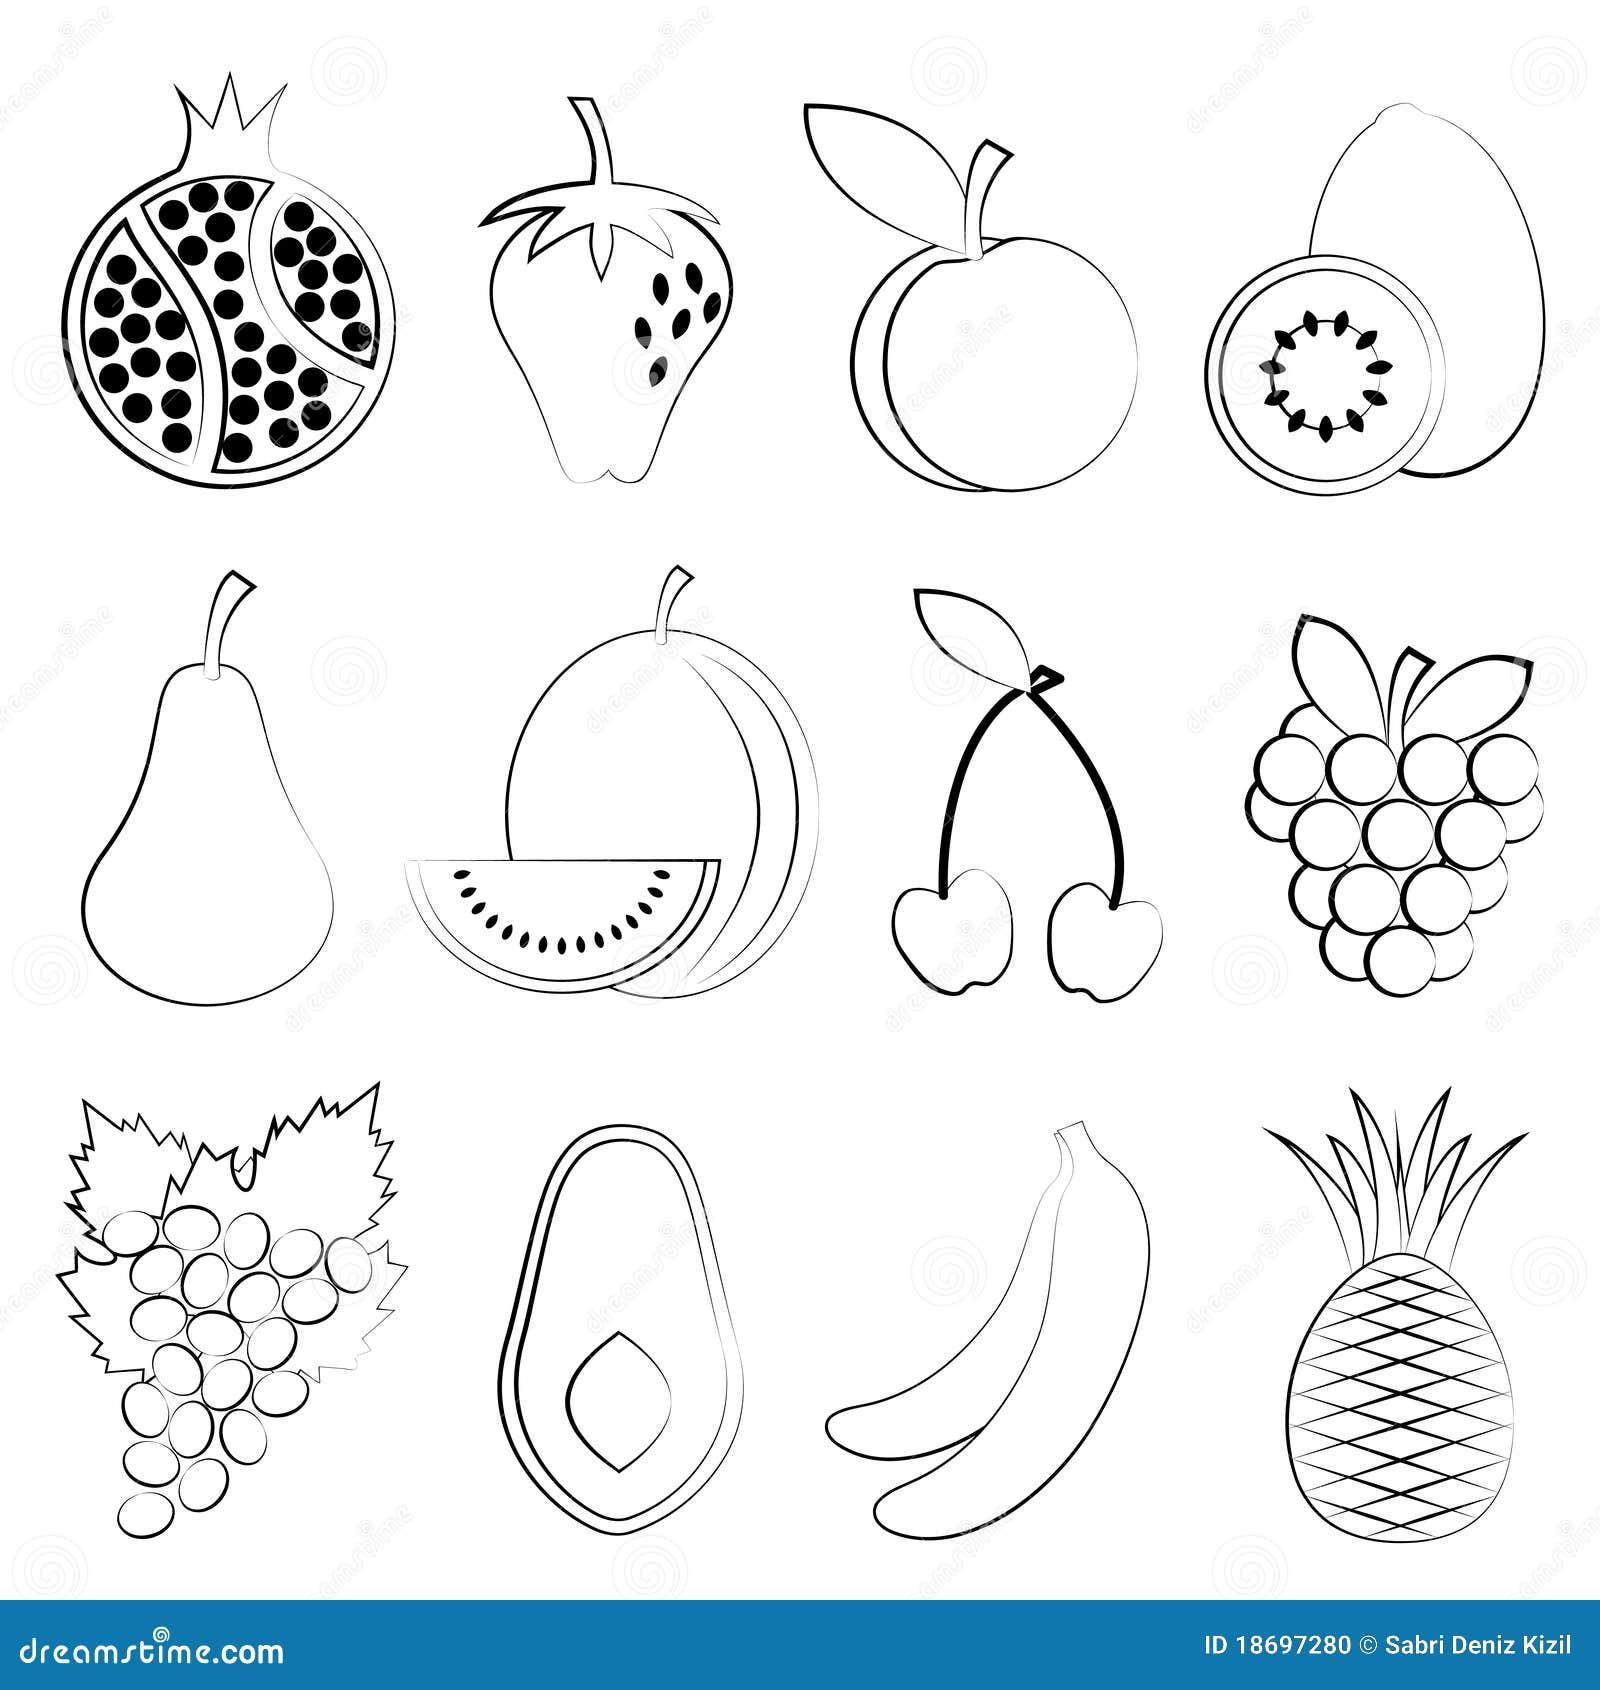 Afbeeldingen Kleurplaten Bloemen De Tekening Van Het Fruit Vector Illustratie Illustratie